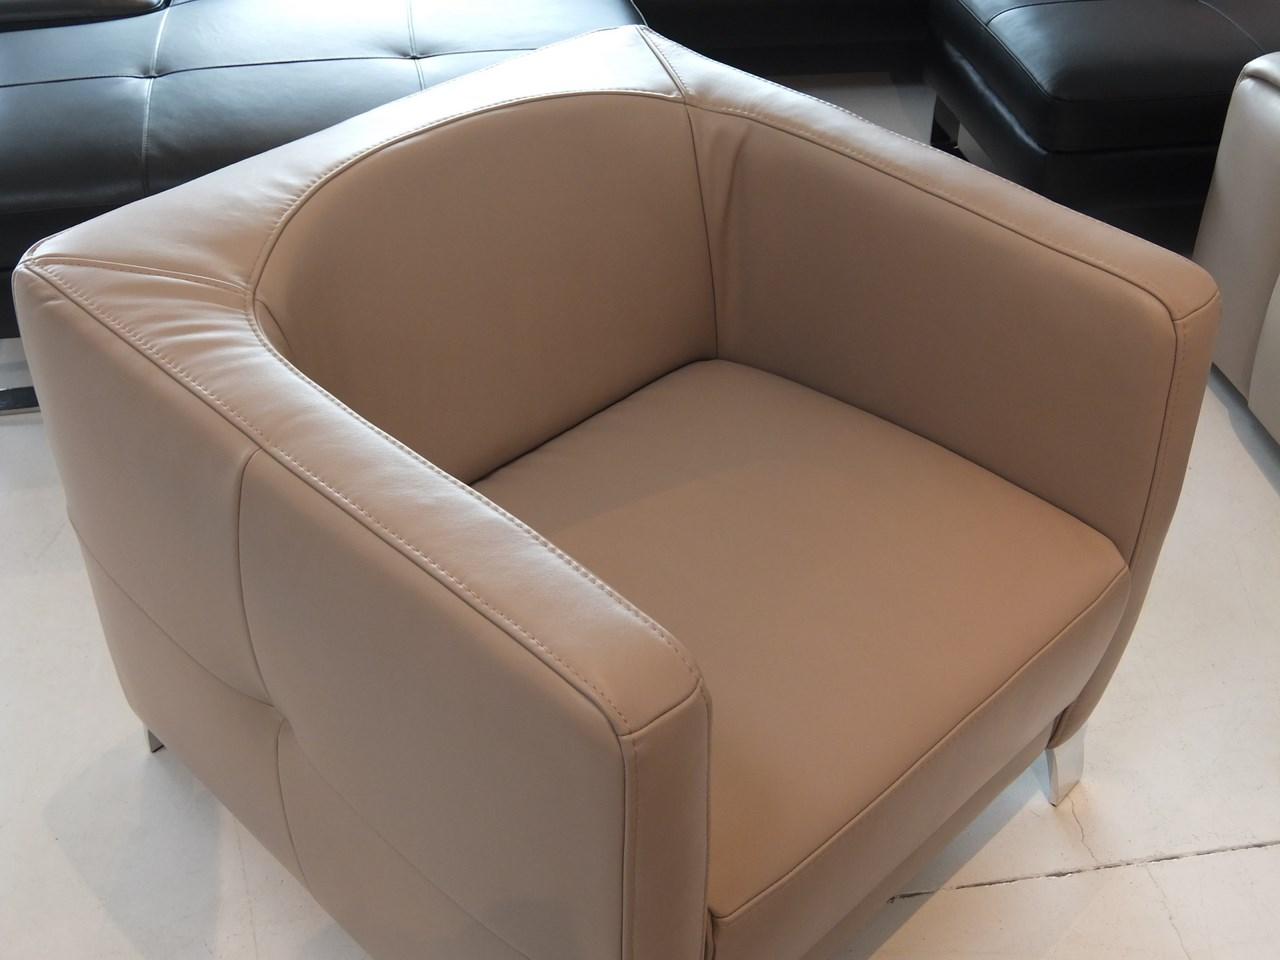 Fauteuil design am sugar cuir victory taupe blog de - Soldes fauteuil design ...